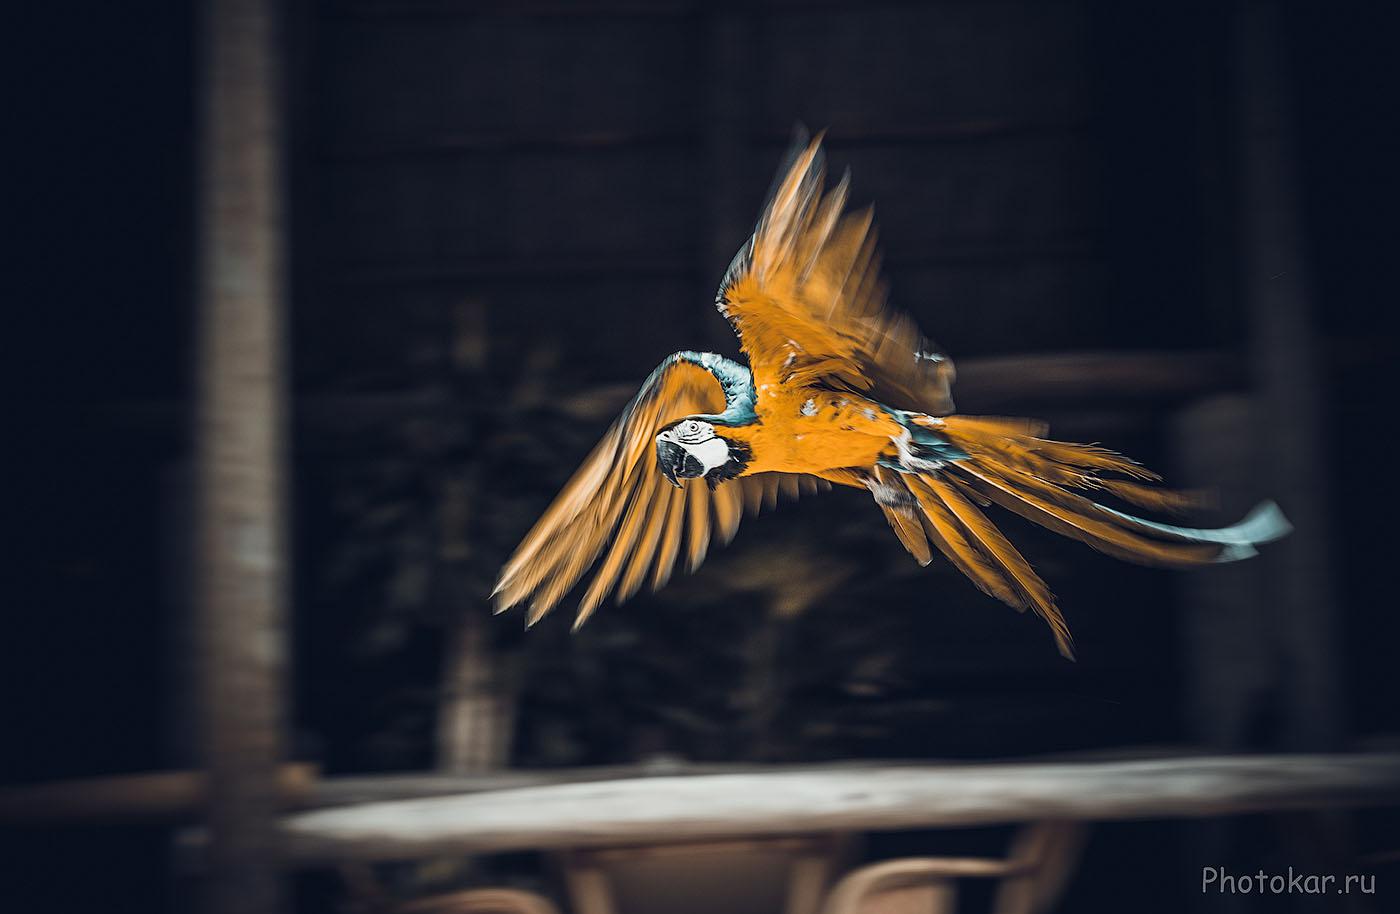 Фотография 11. Для съемки птиц в полете важное значение имеет не только скорость фокусировки объектива, но и работа автофокуса тушки. У Никон Д610 фокус работает отлично! Параметры съемки: 1/160, EV +0.33, f/5.6, ISO 200, фокусное 160 мм)